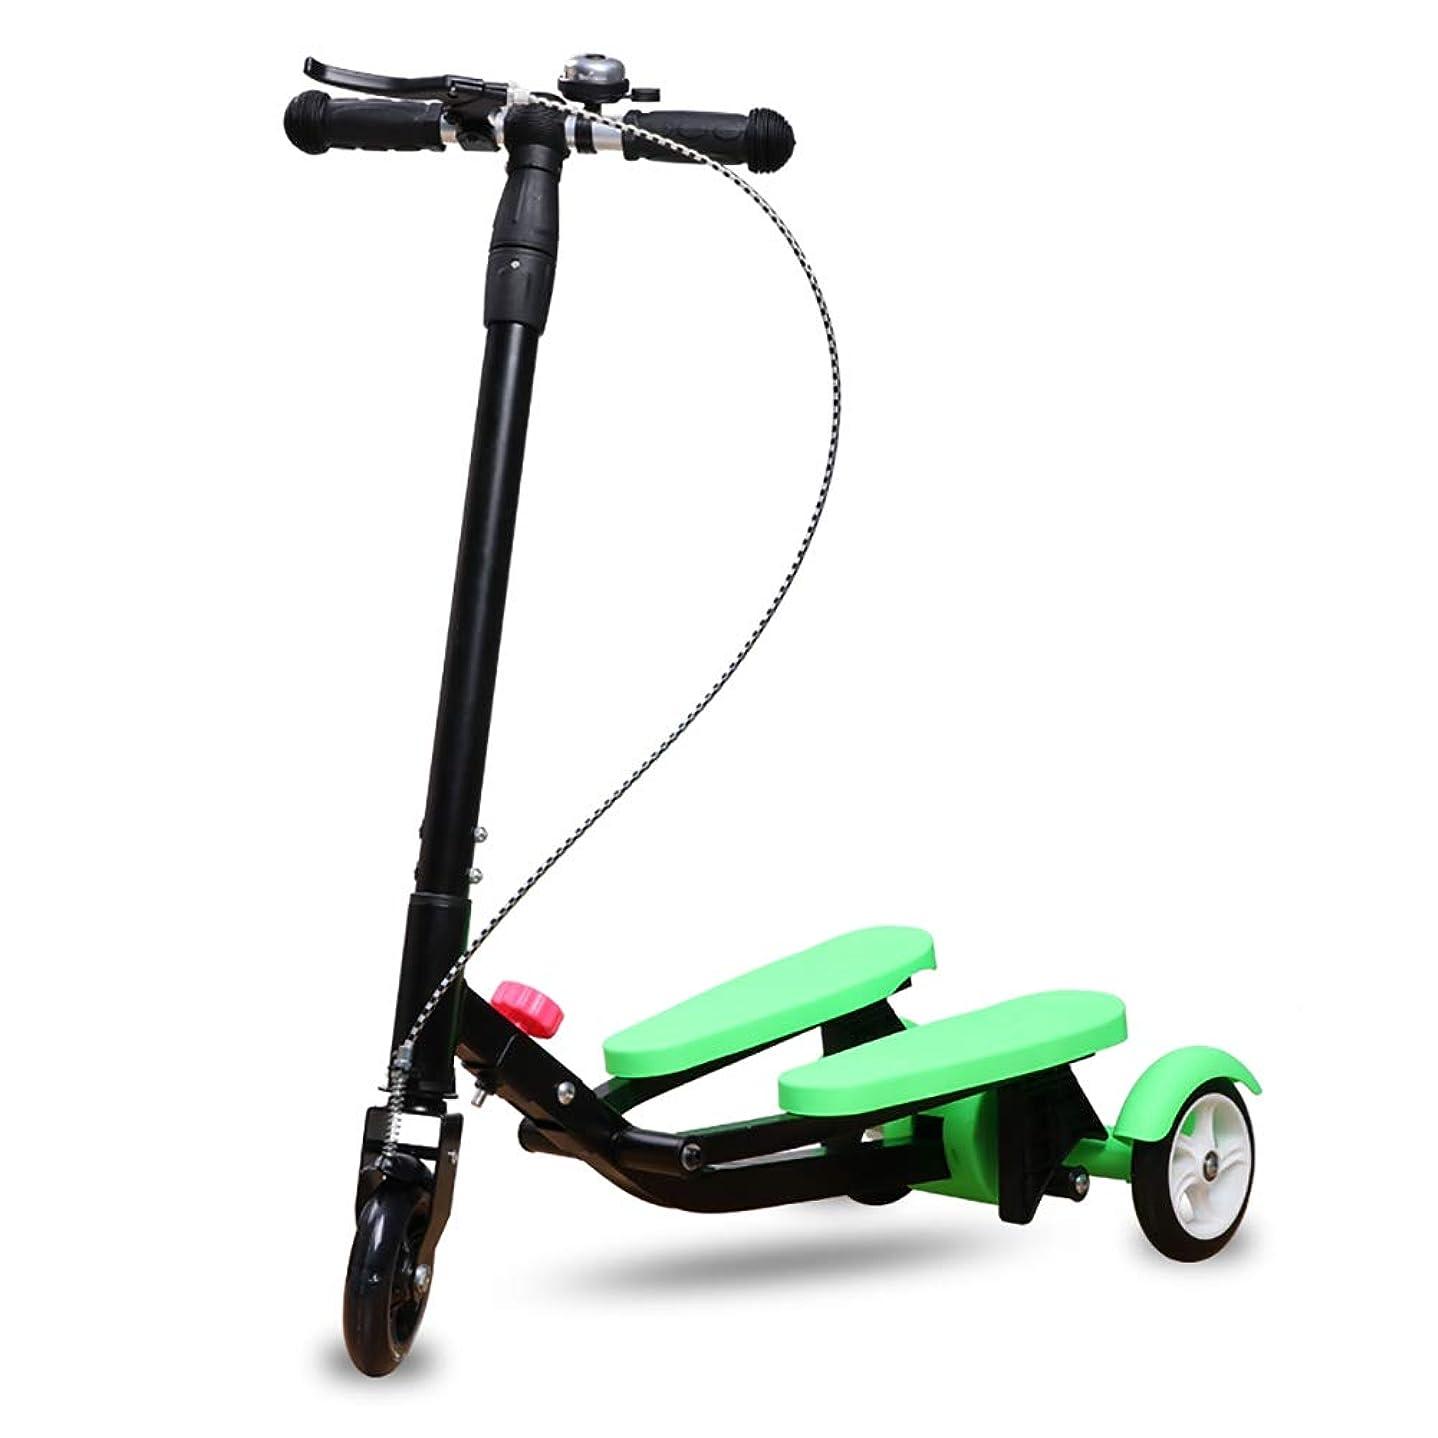 縮れた種類小競り合いスクーター 子供のための非電動スクーター、調節可能なTバーハンドル、フラッシュホイール、安全ブレーキ付きワイドペダルスクーター